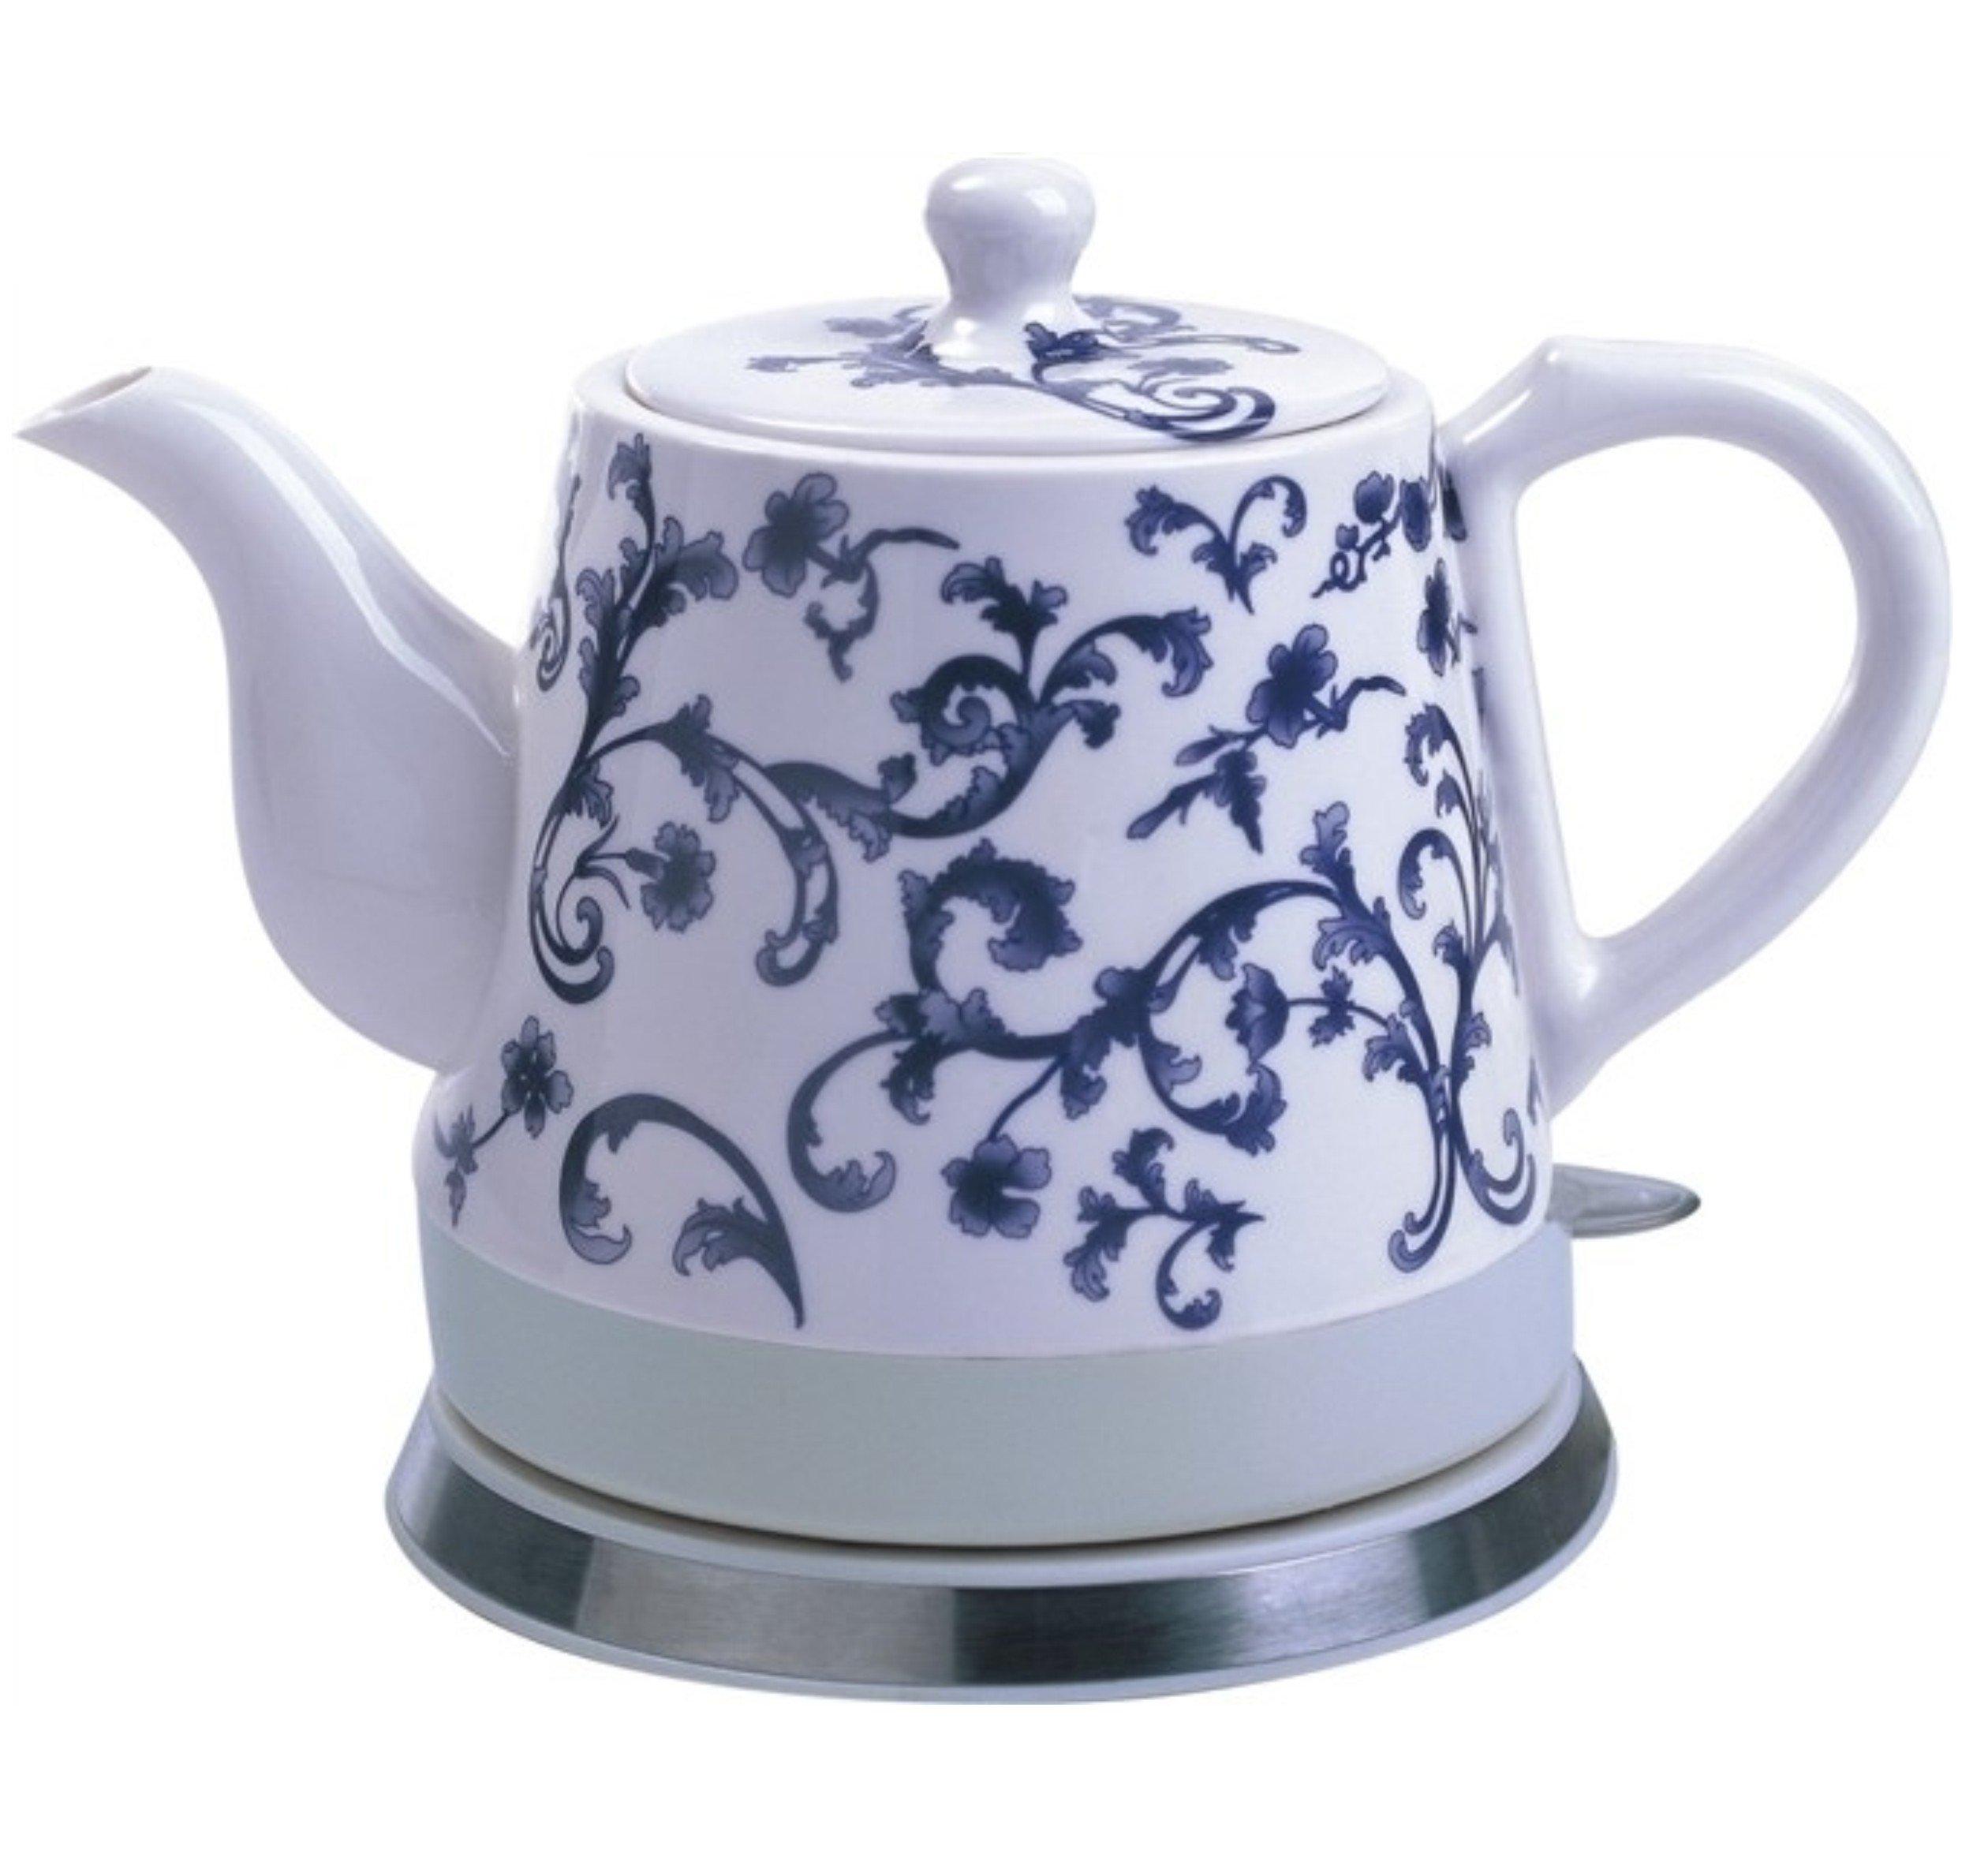 FixtureDisplays Ceramic Electric Kettle Water Boiler Tea Maker15001 15001!